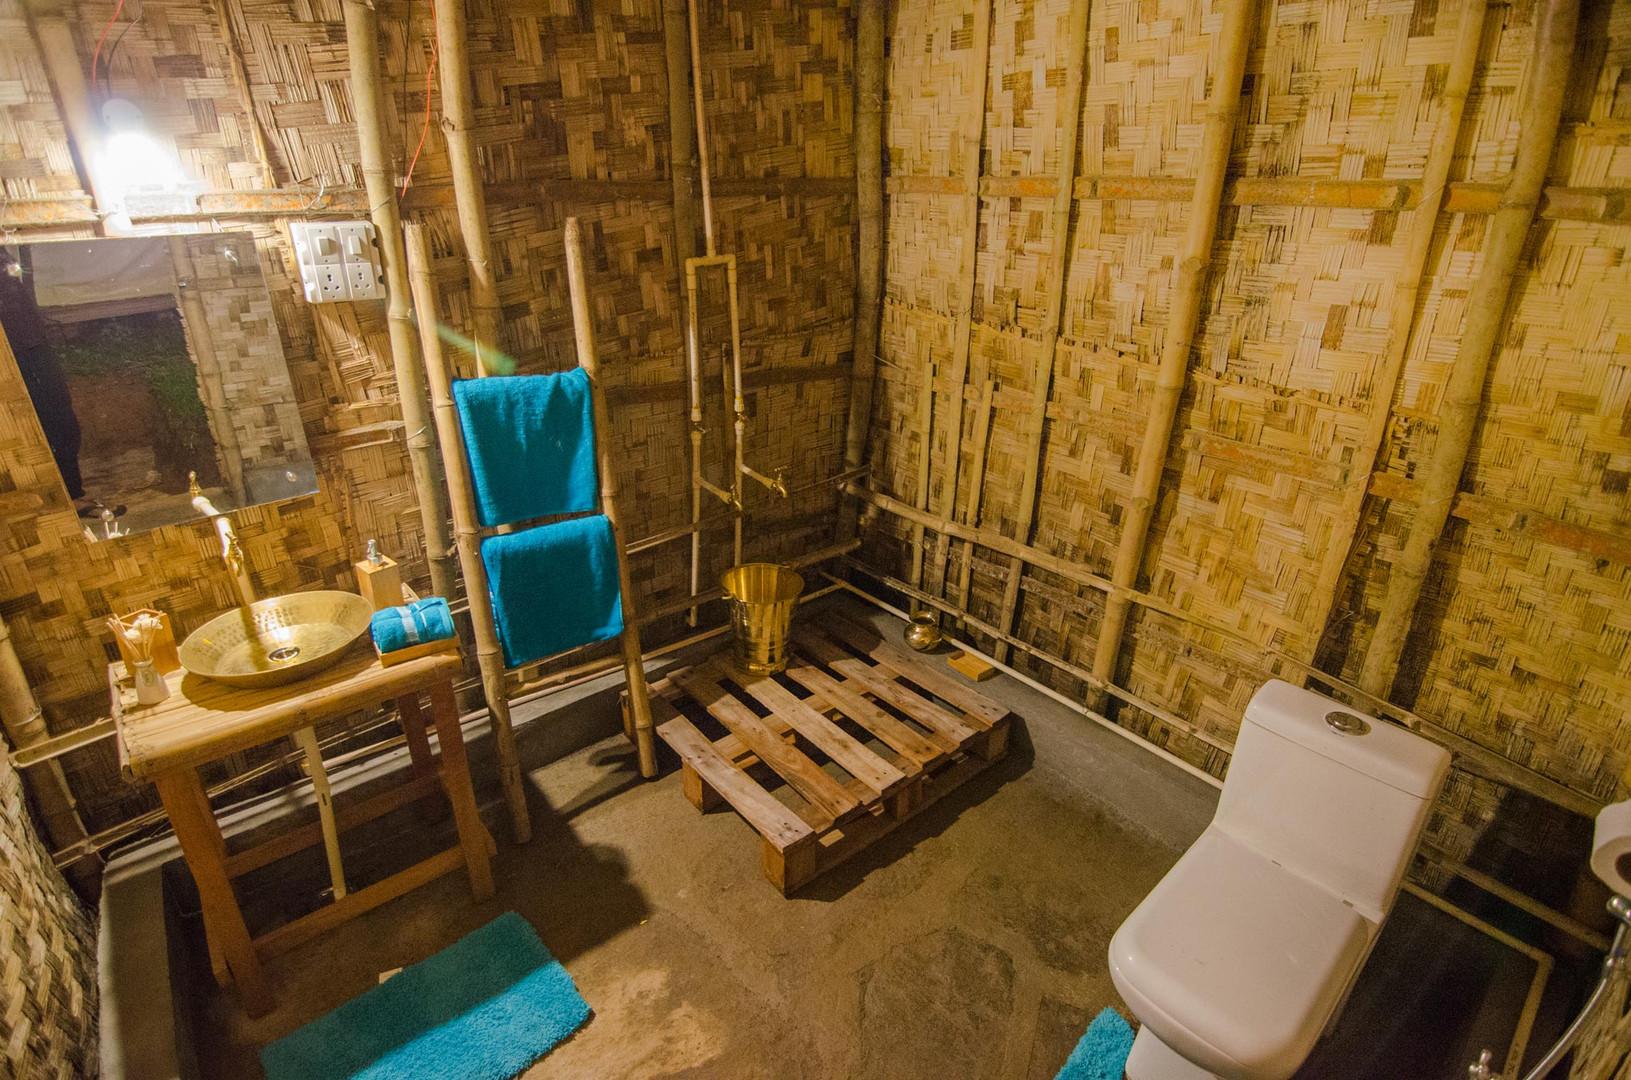 Hushnest x Jangalia bamboo Washrooms